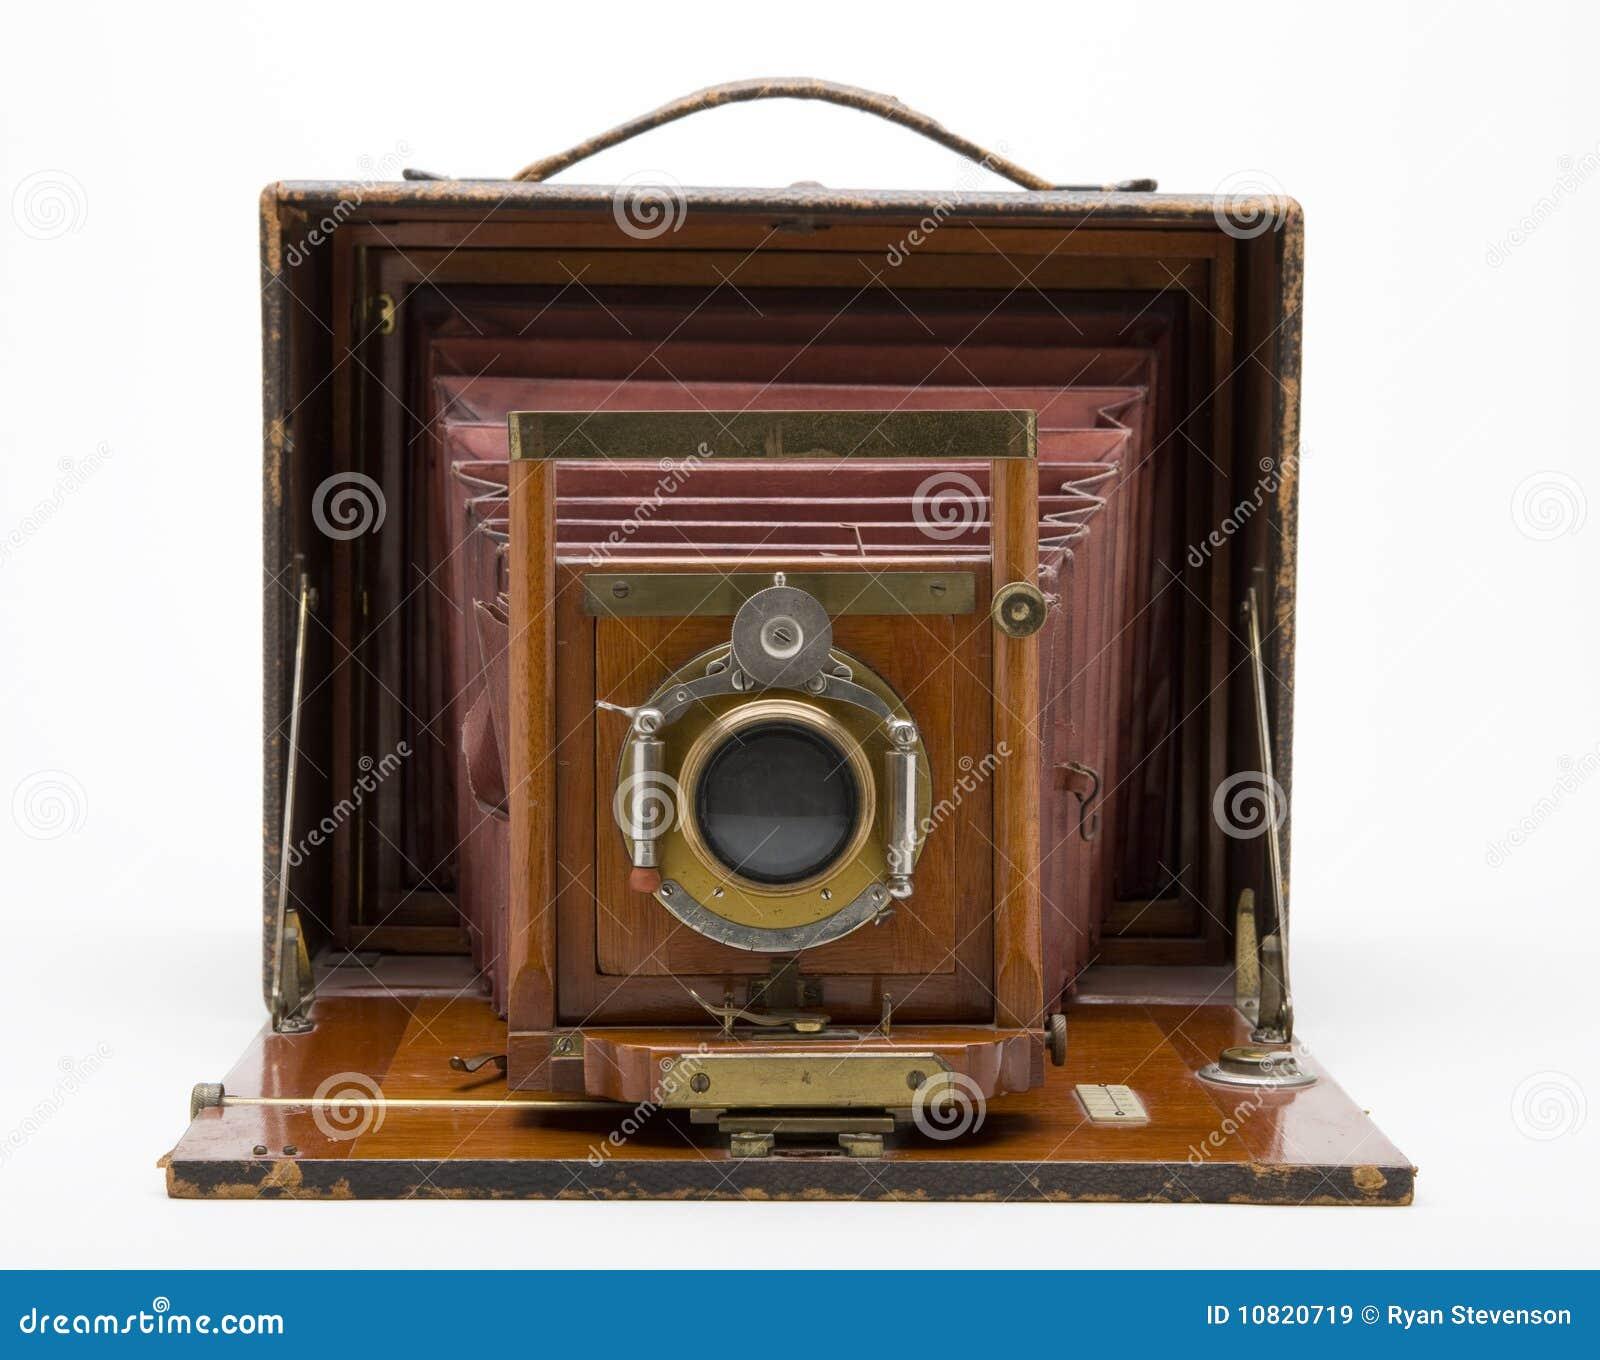 1890s Antique Camera